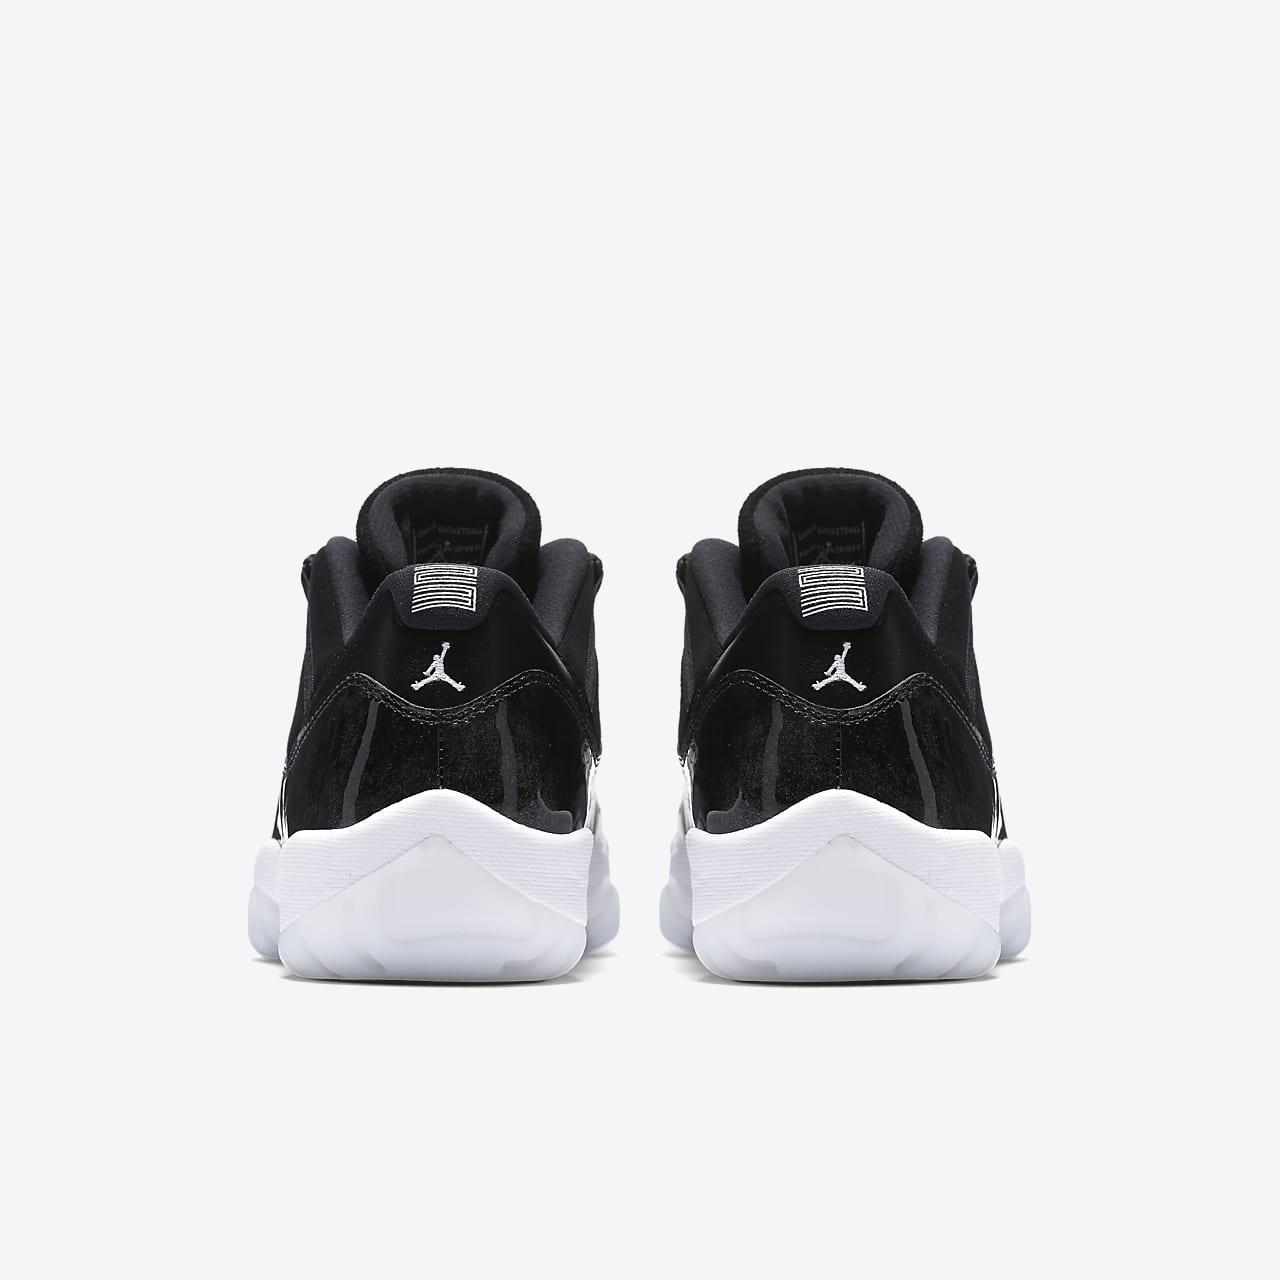 Air Jordan 11 Retro Low Men's Shoe